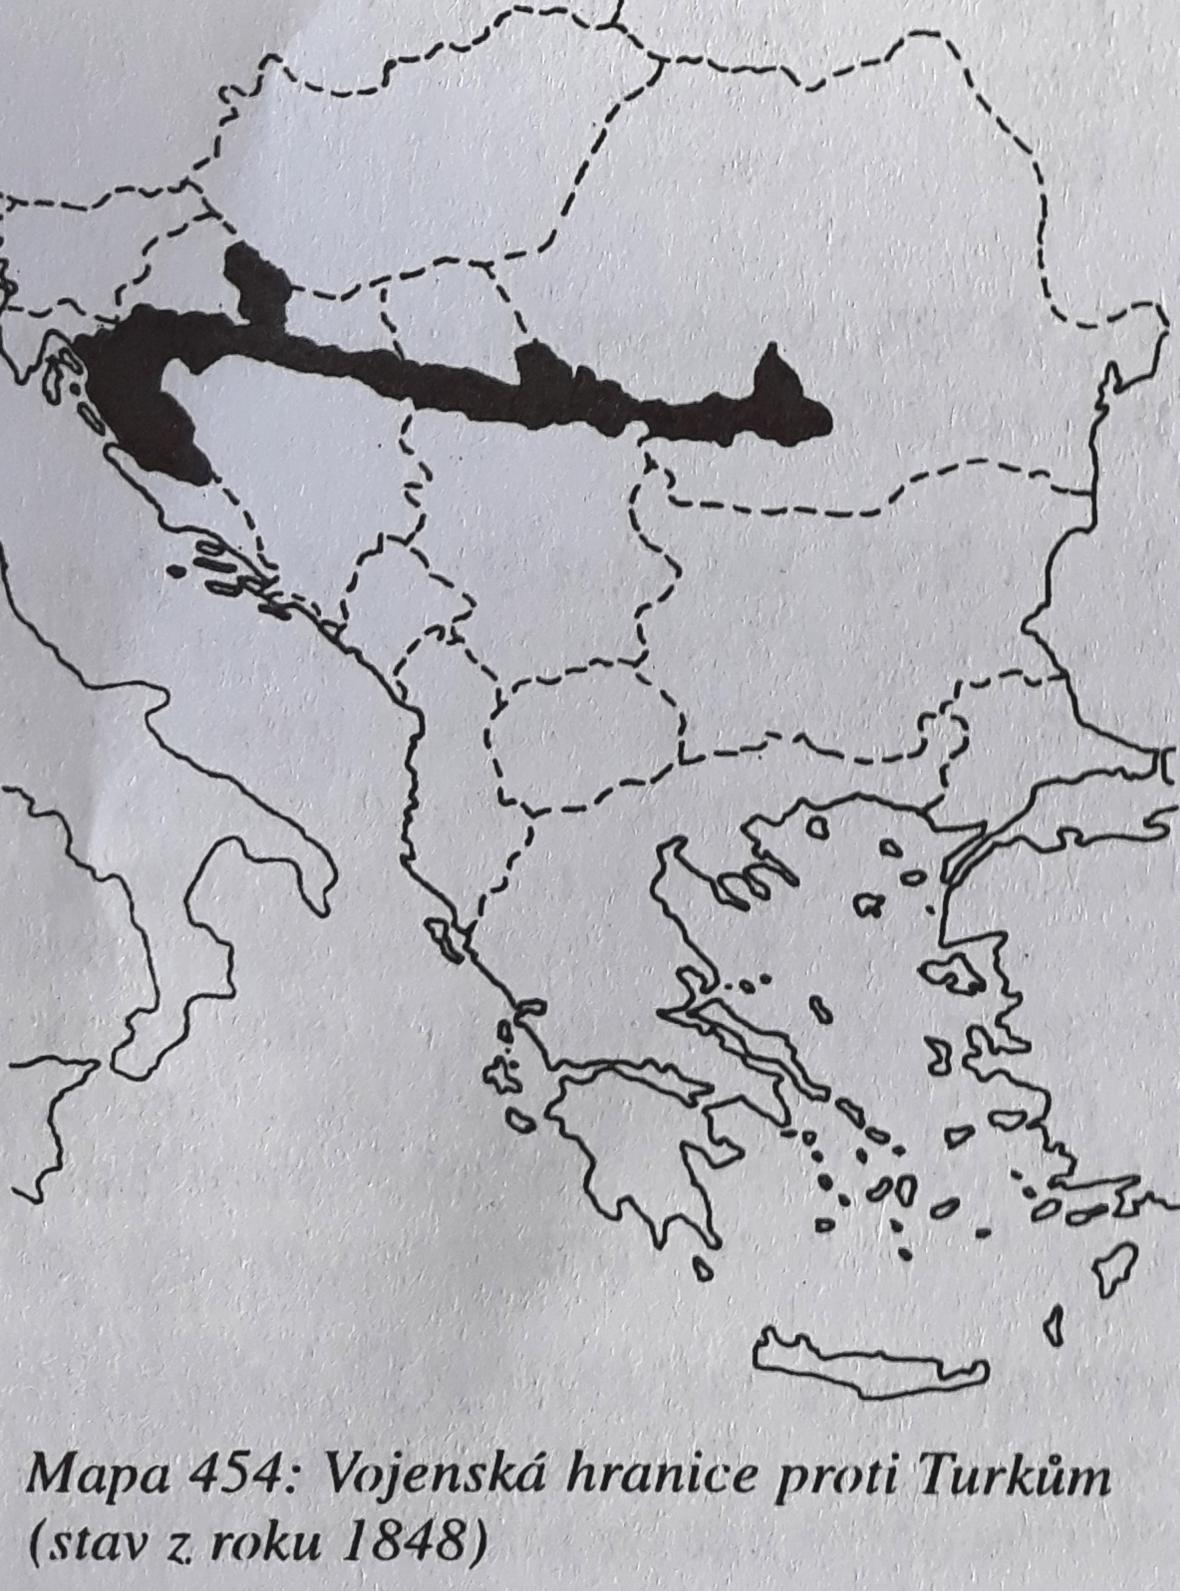 Vojenská hranice v roce 1848